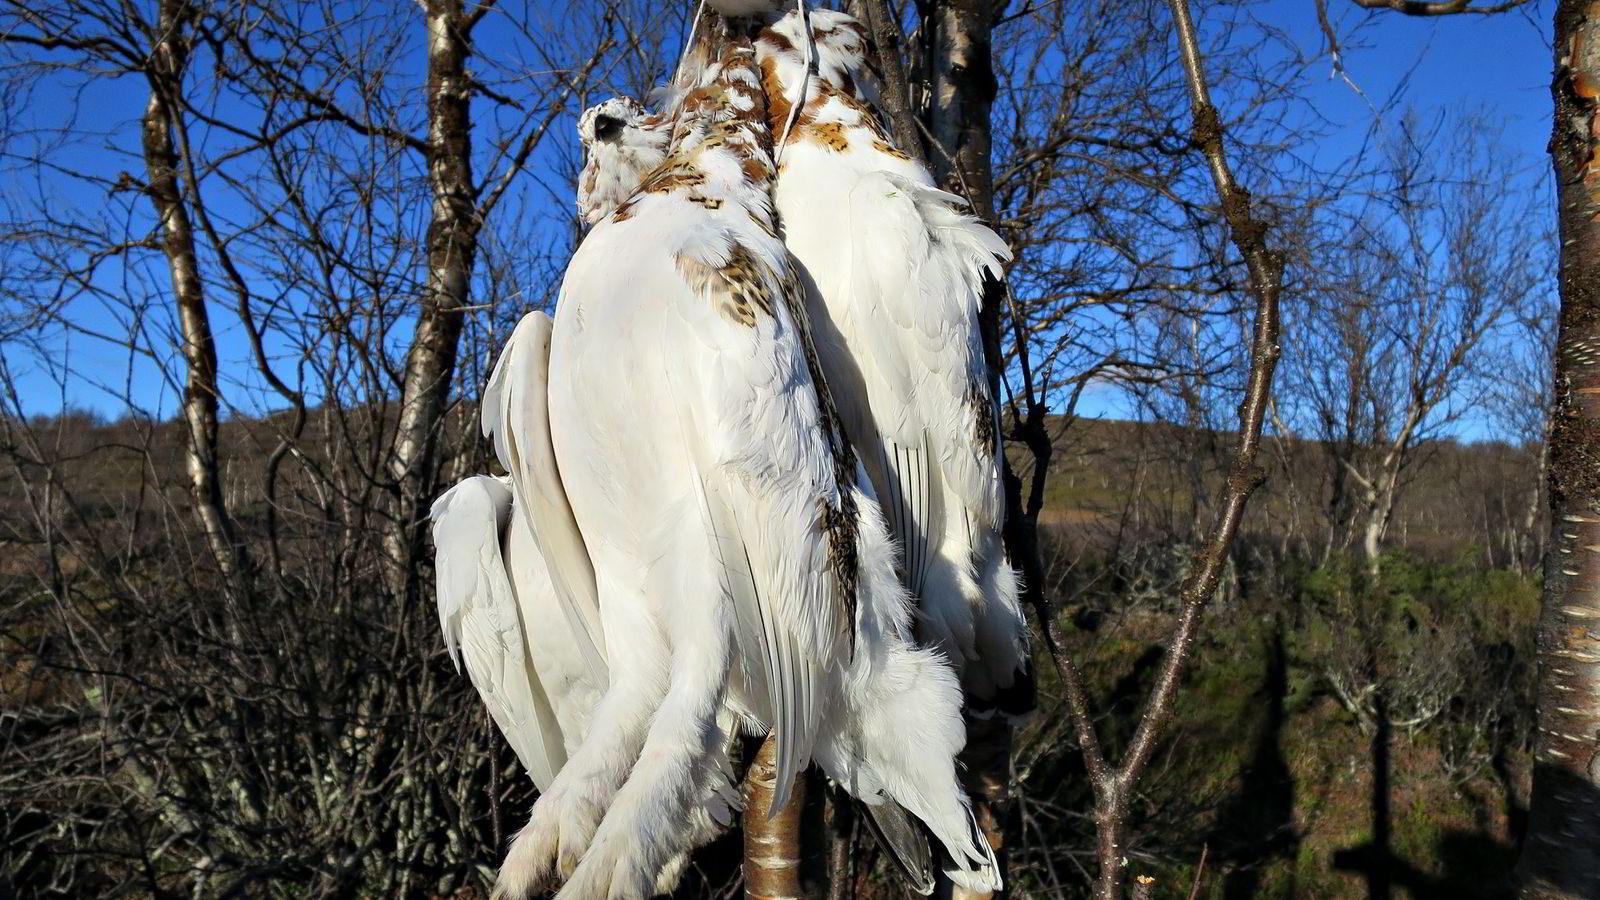 Mens Sør-Norge har hatt et oppgangsår, har rypejegere i nord opplevd en mer laber sesong. Foto: Ola Jordheim Halvorsen